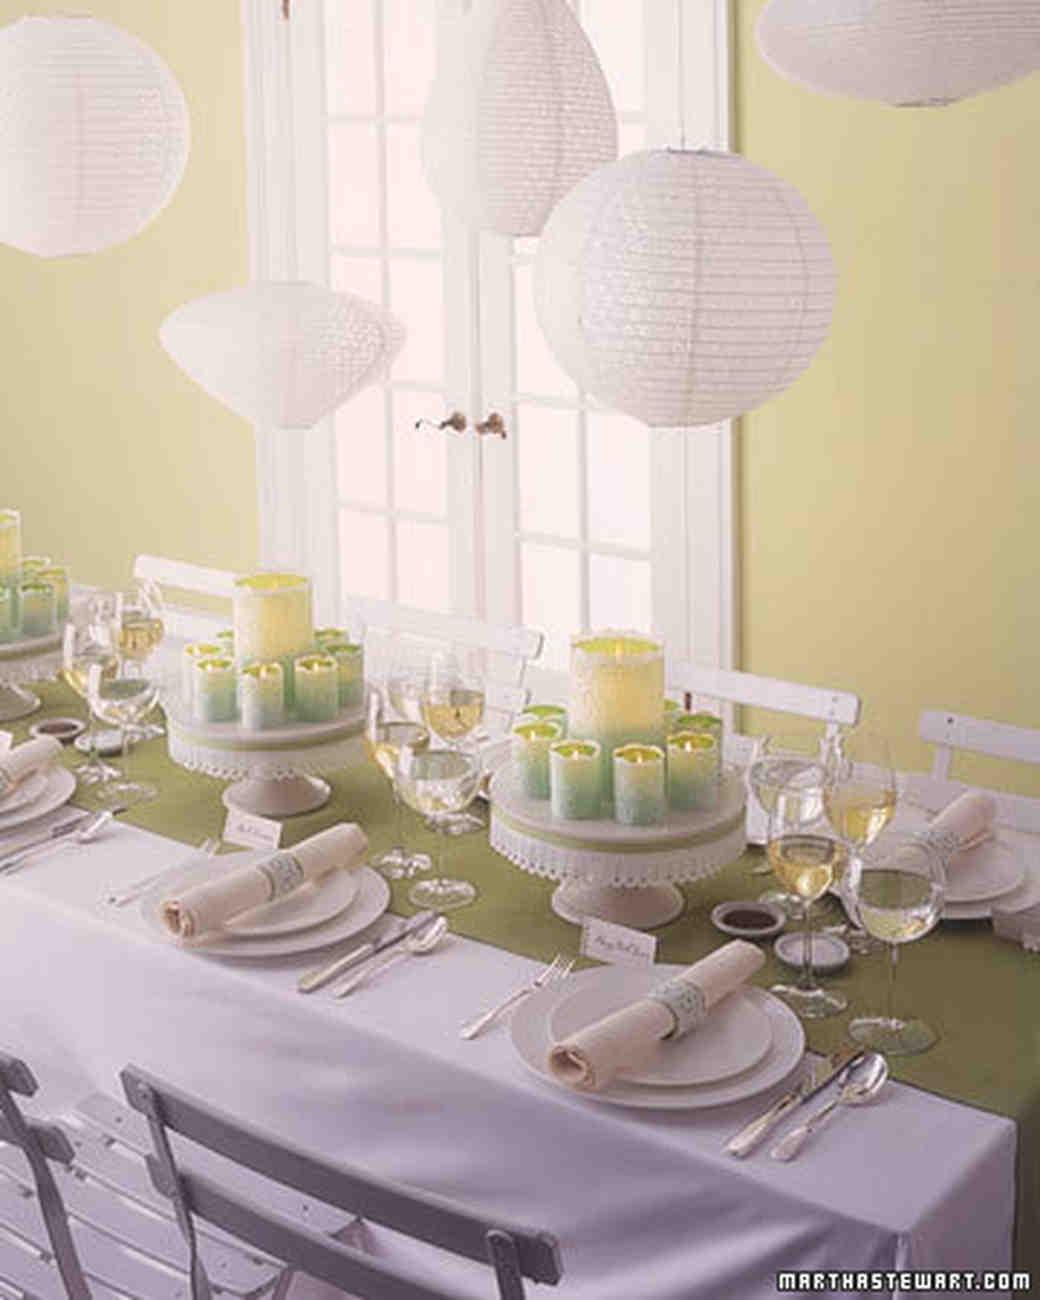 Martha Stewart Weddings: Lace-Inspired Wedding Ideas